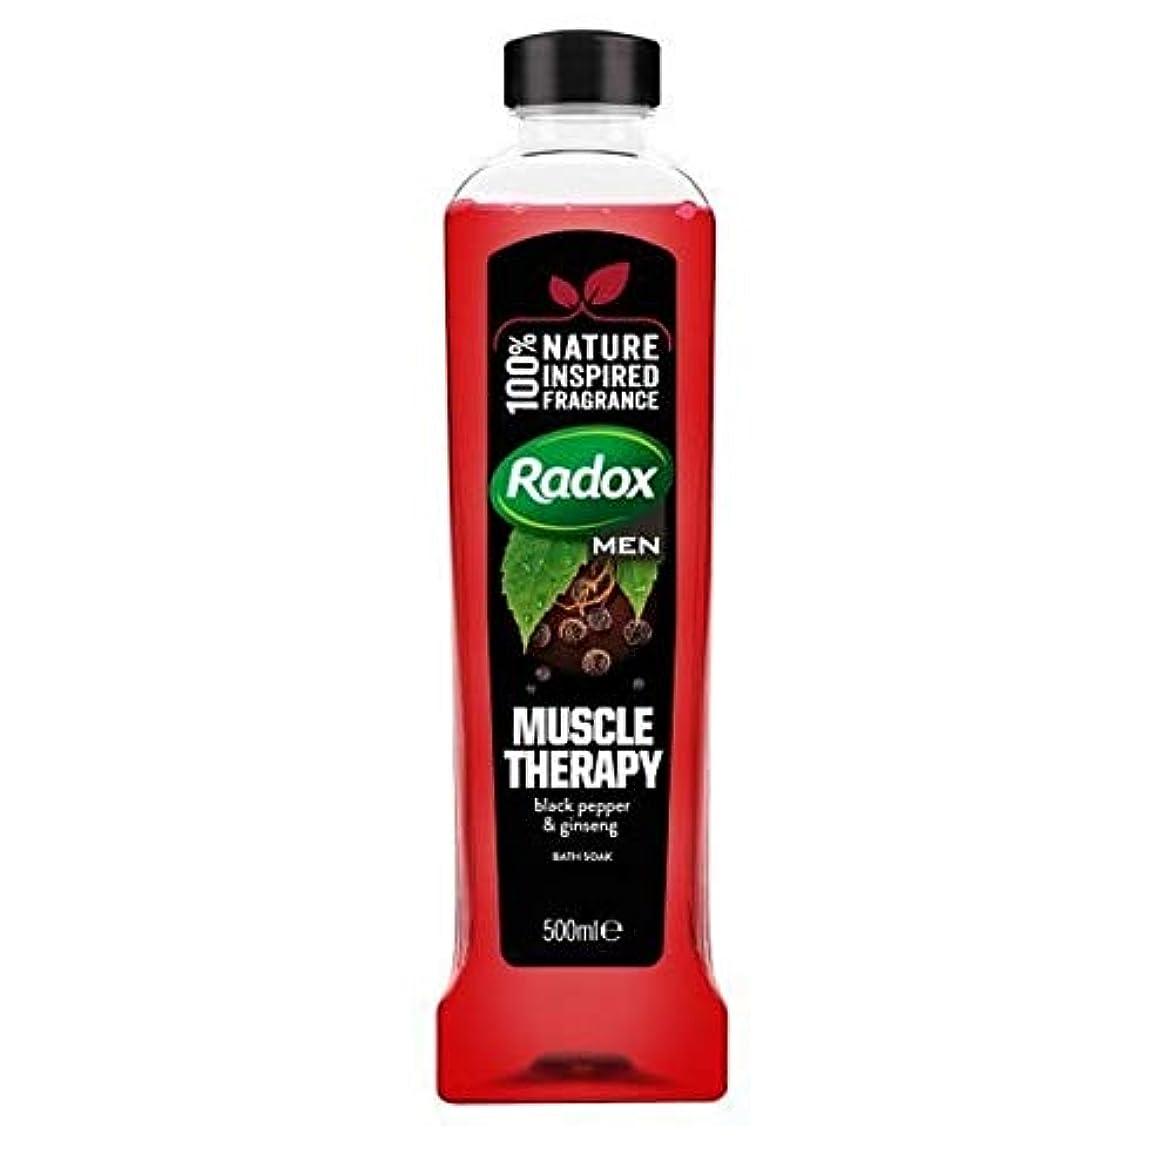 勇敢な環境保護主義者再撮り[Radox] Radoxは、500ミリリットルのソーク良い香り筋肉の治療風呂を感じます - Radox Feel Good Fragrance Muscle Therapy Bath Soak 500ml [並行輸入品]